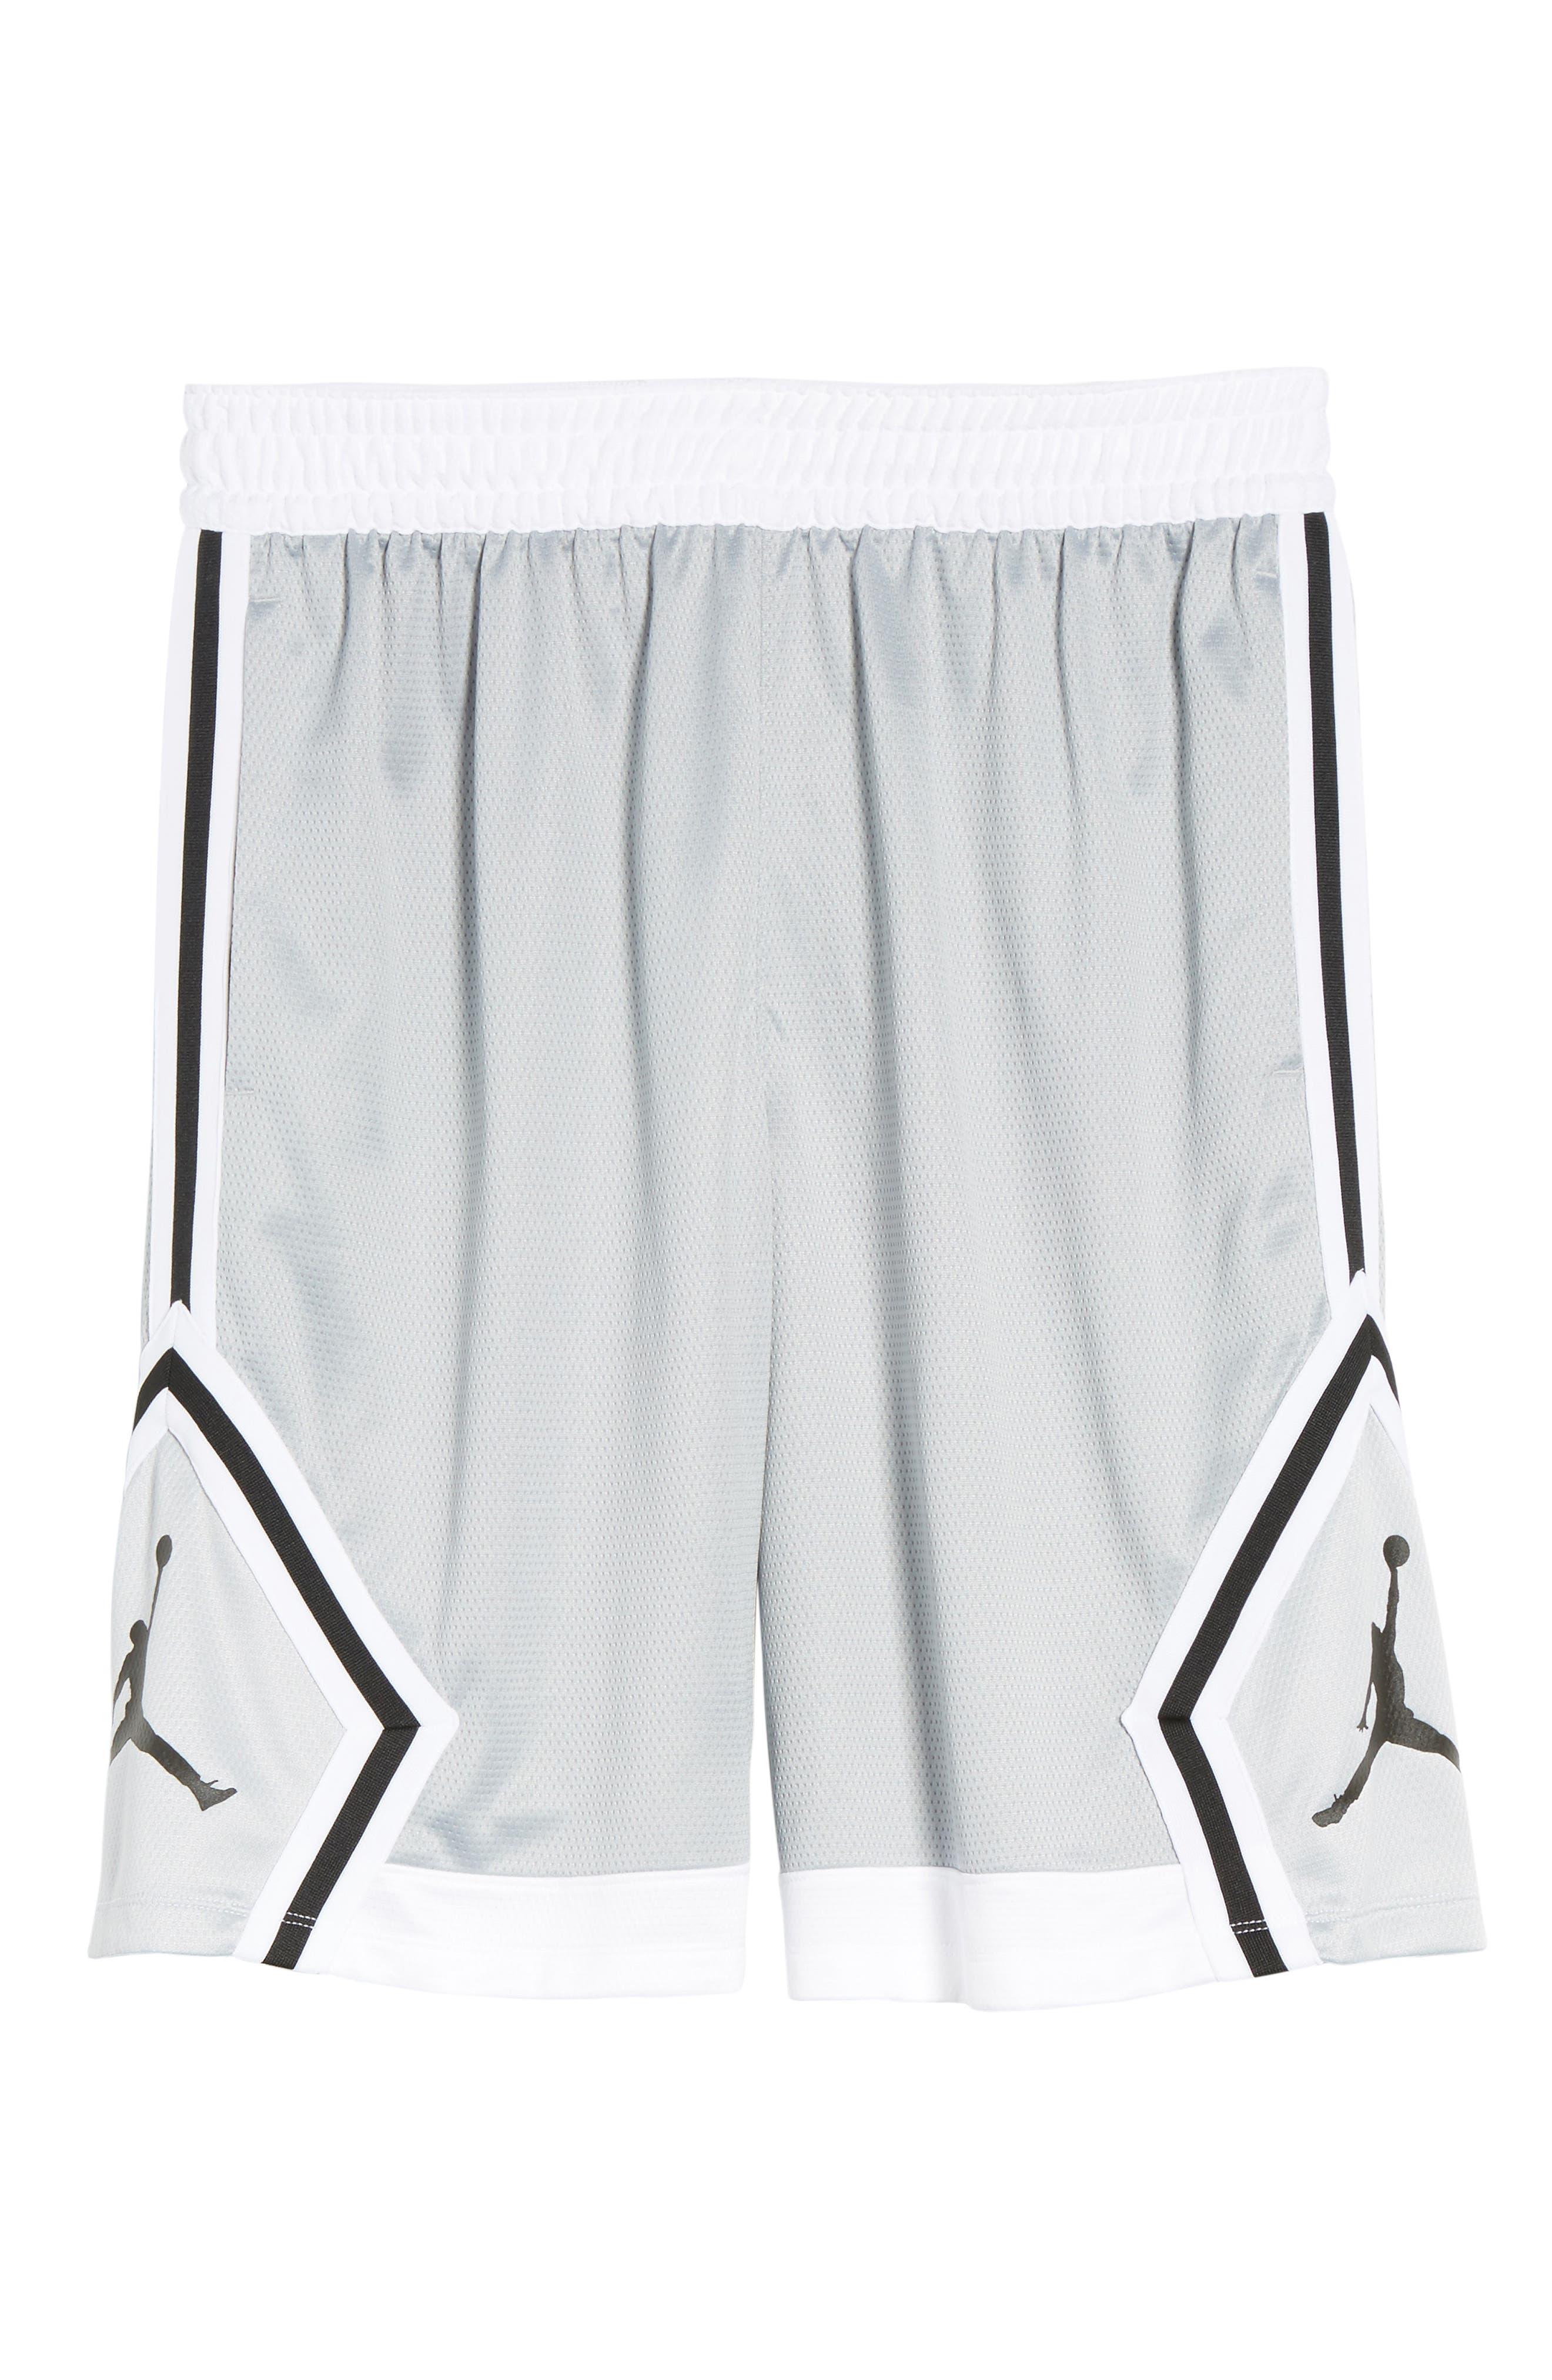 Sportswear Rise Diamond Shorts,                             Alternate thumbnail 6, color,                             011